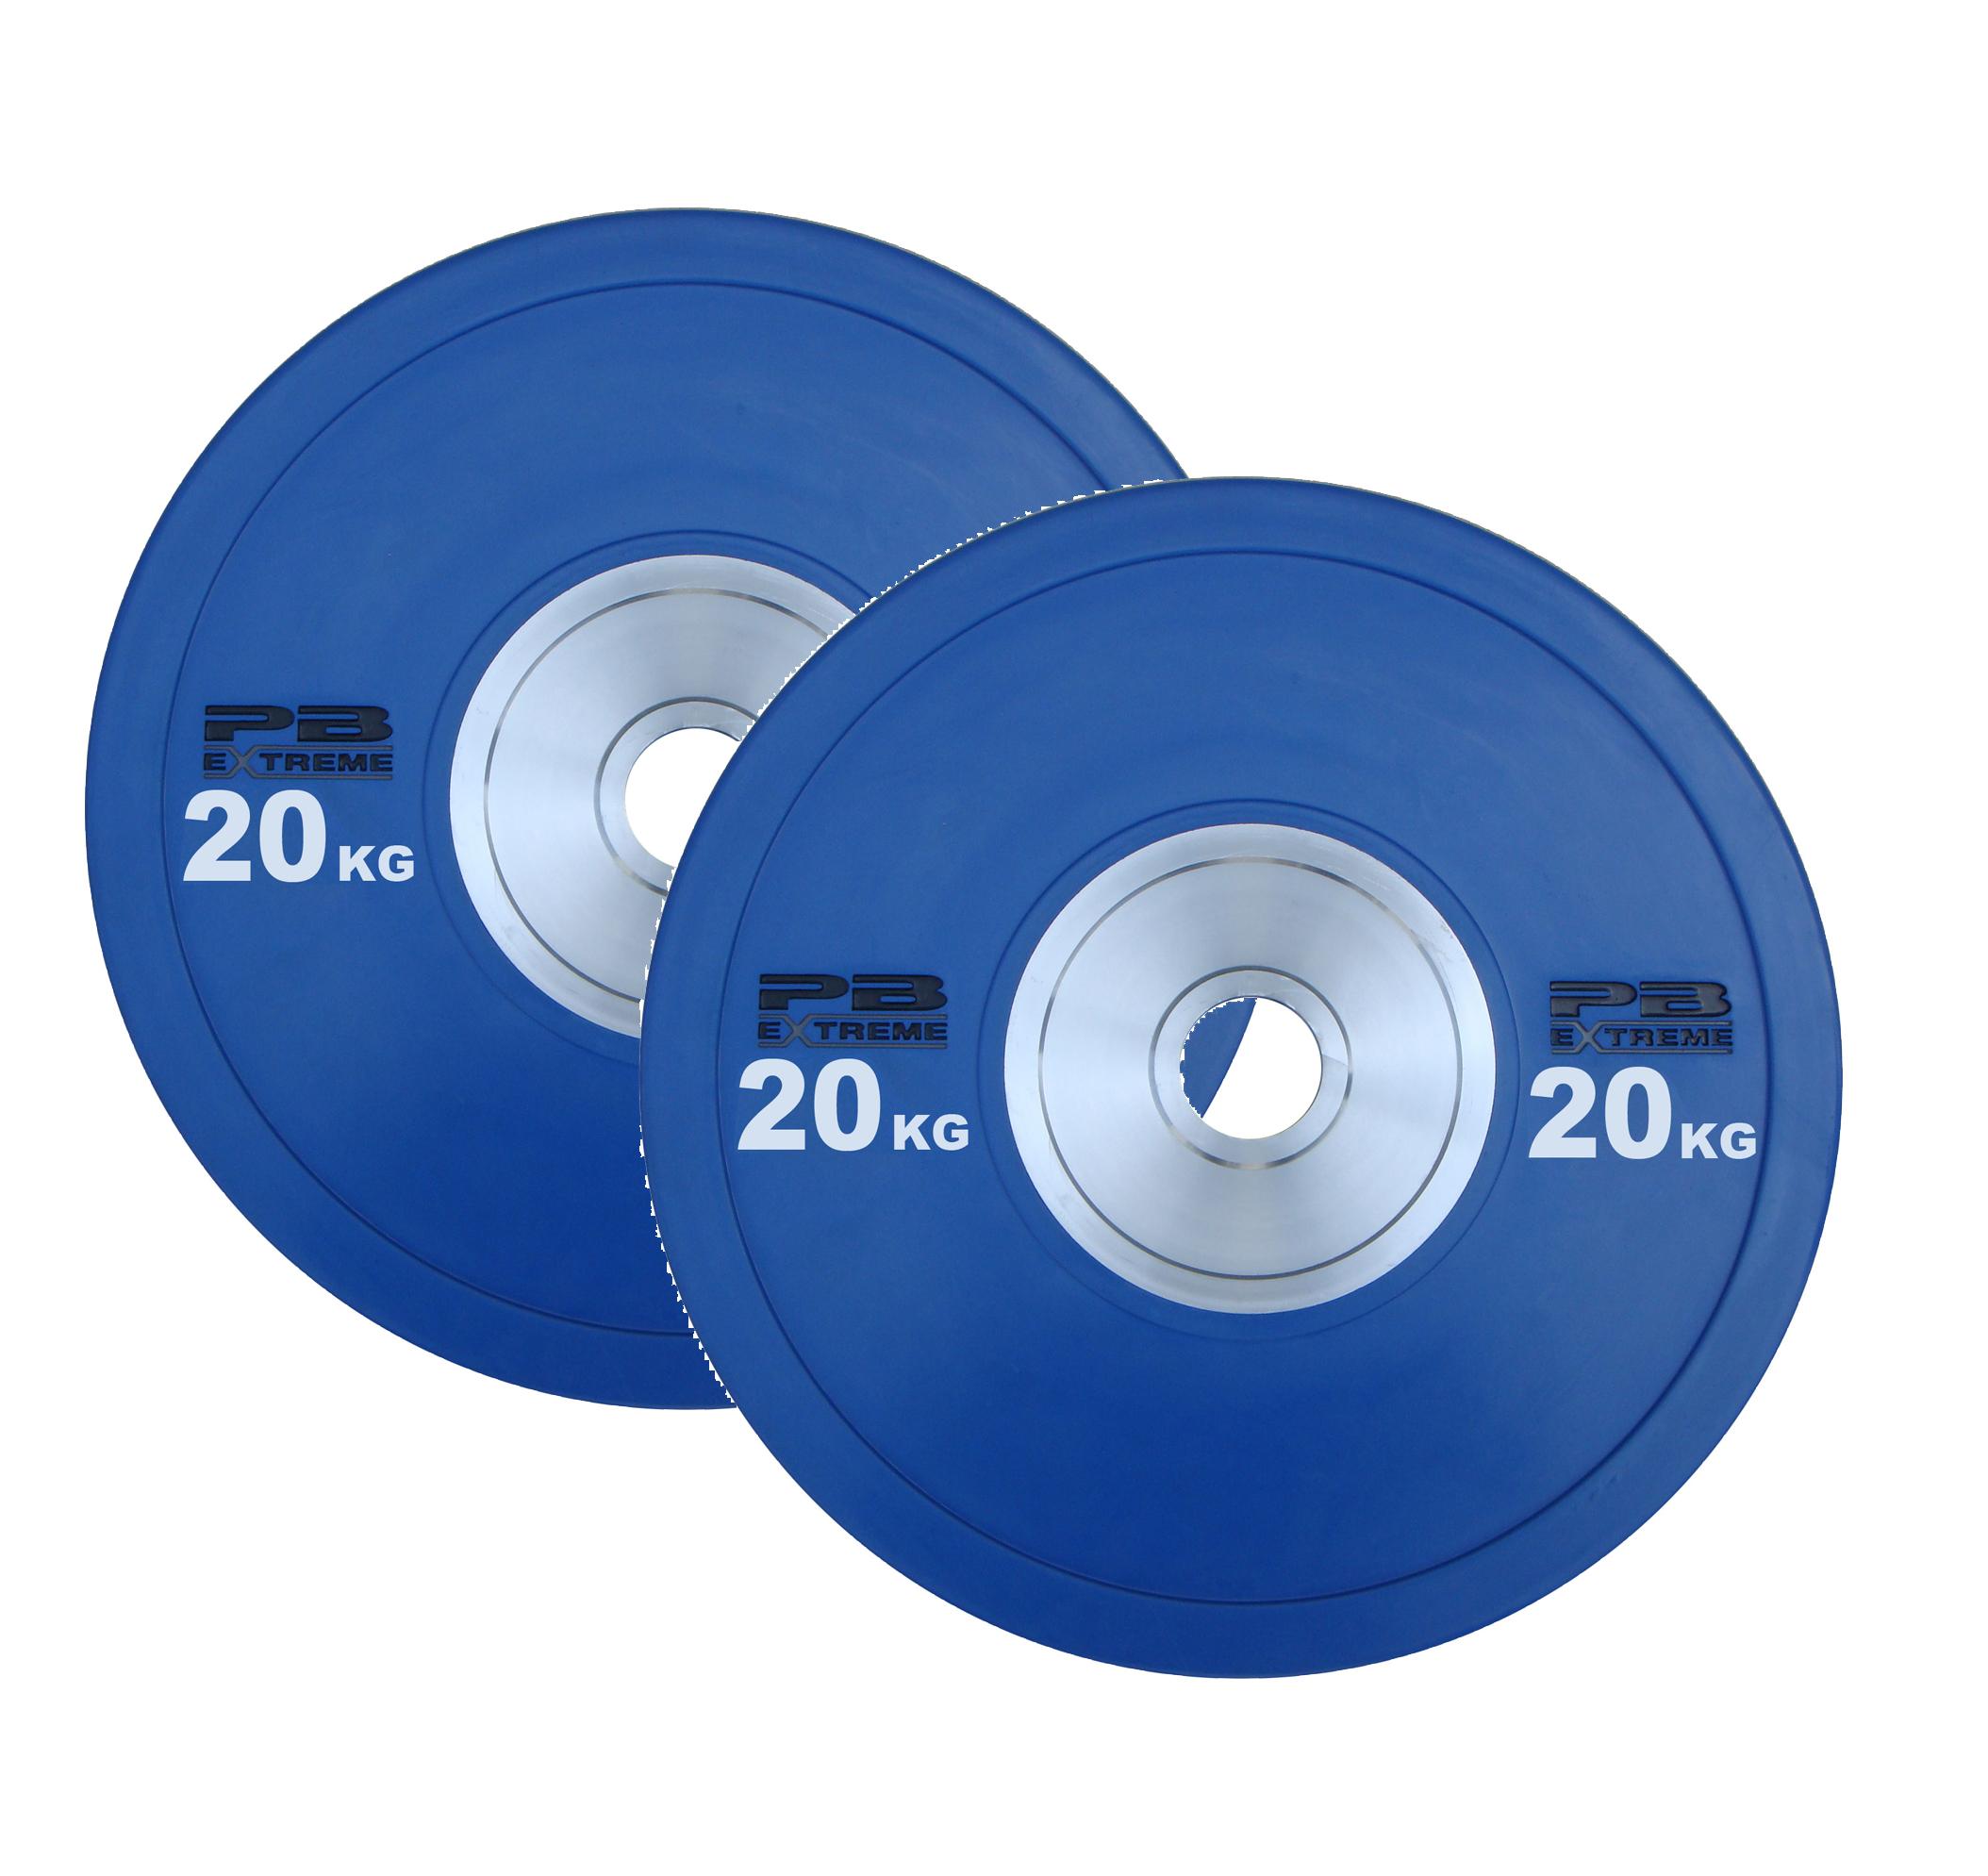 PB EXTREME™ RUBBER BUMPER PLATES - Blau 20kg (Paar)